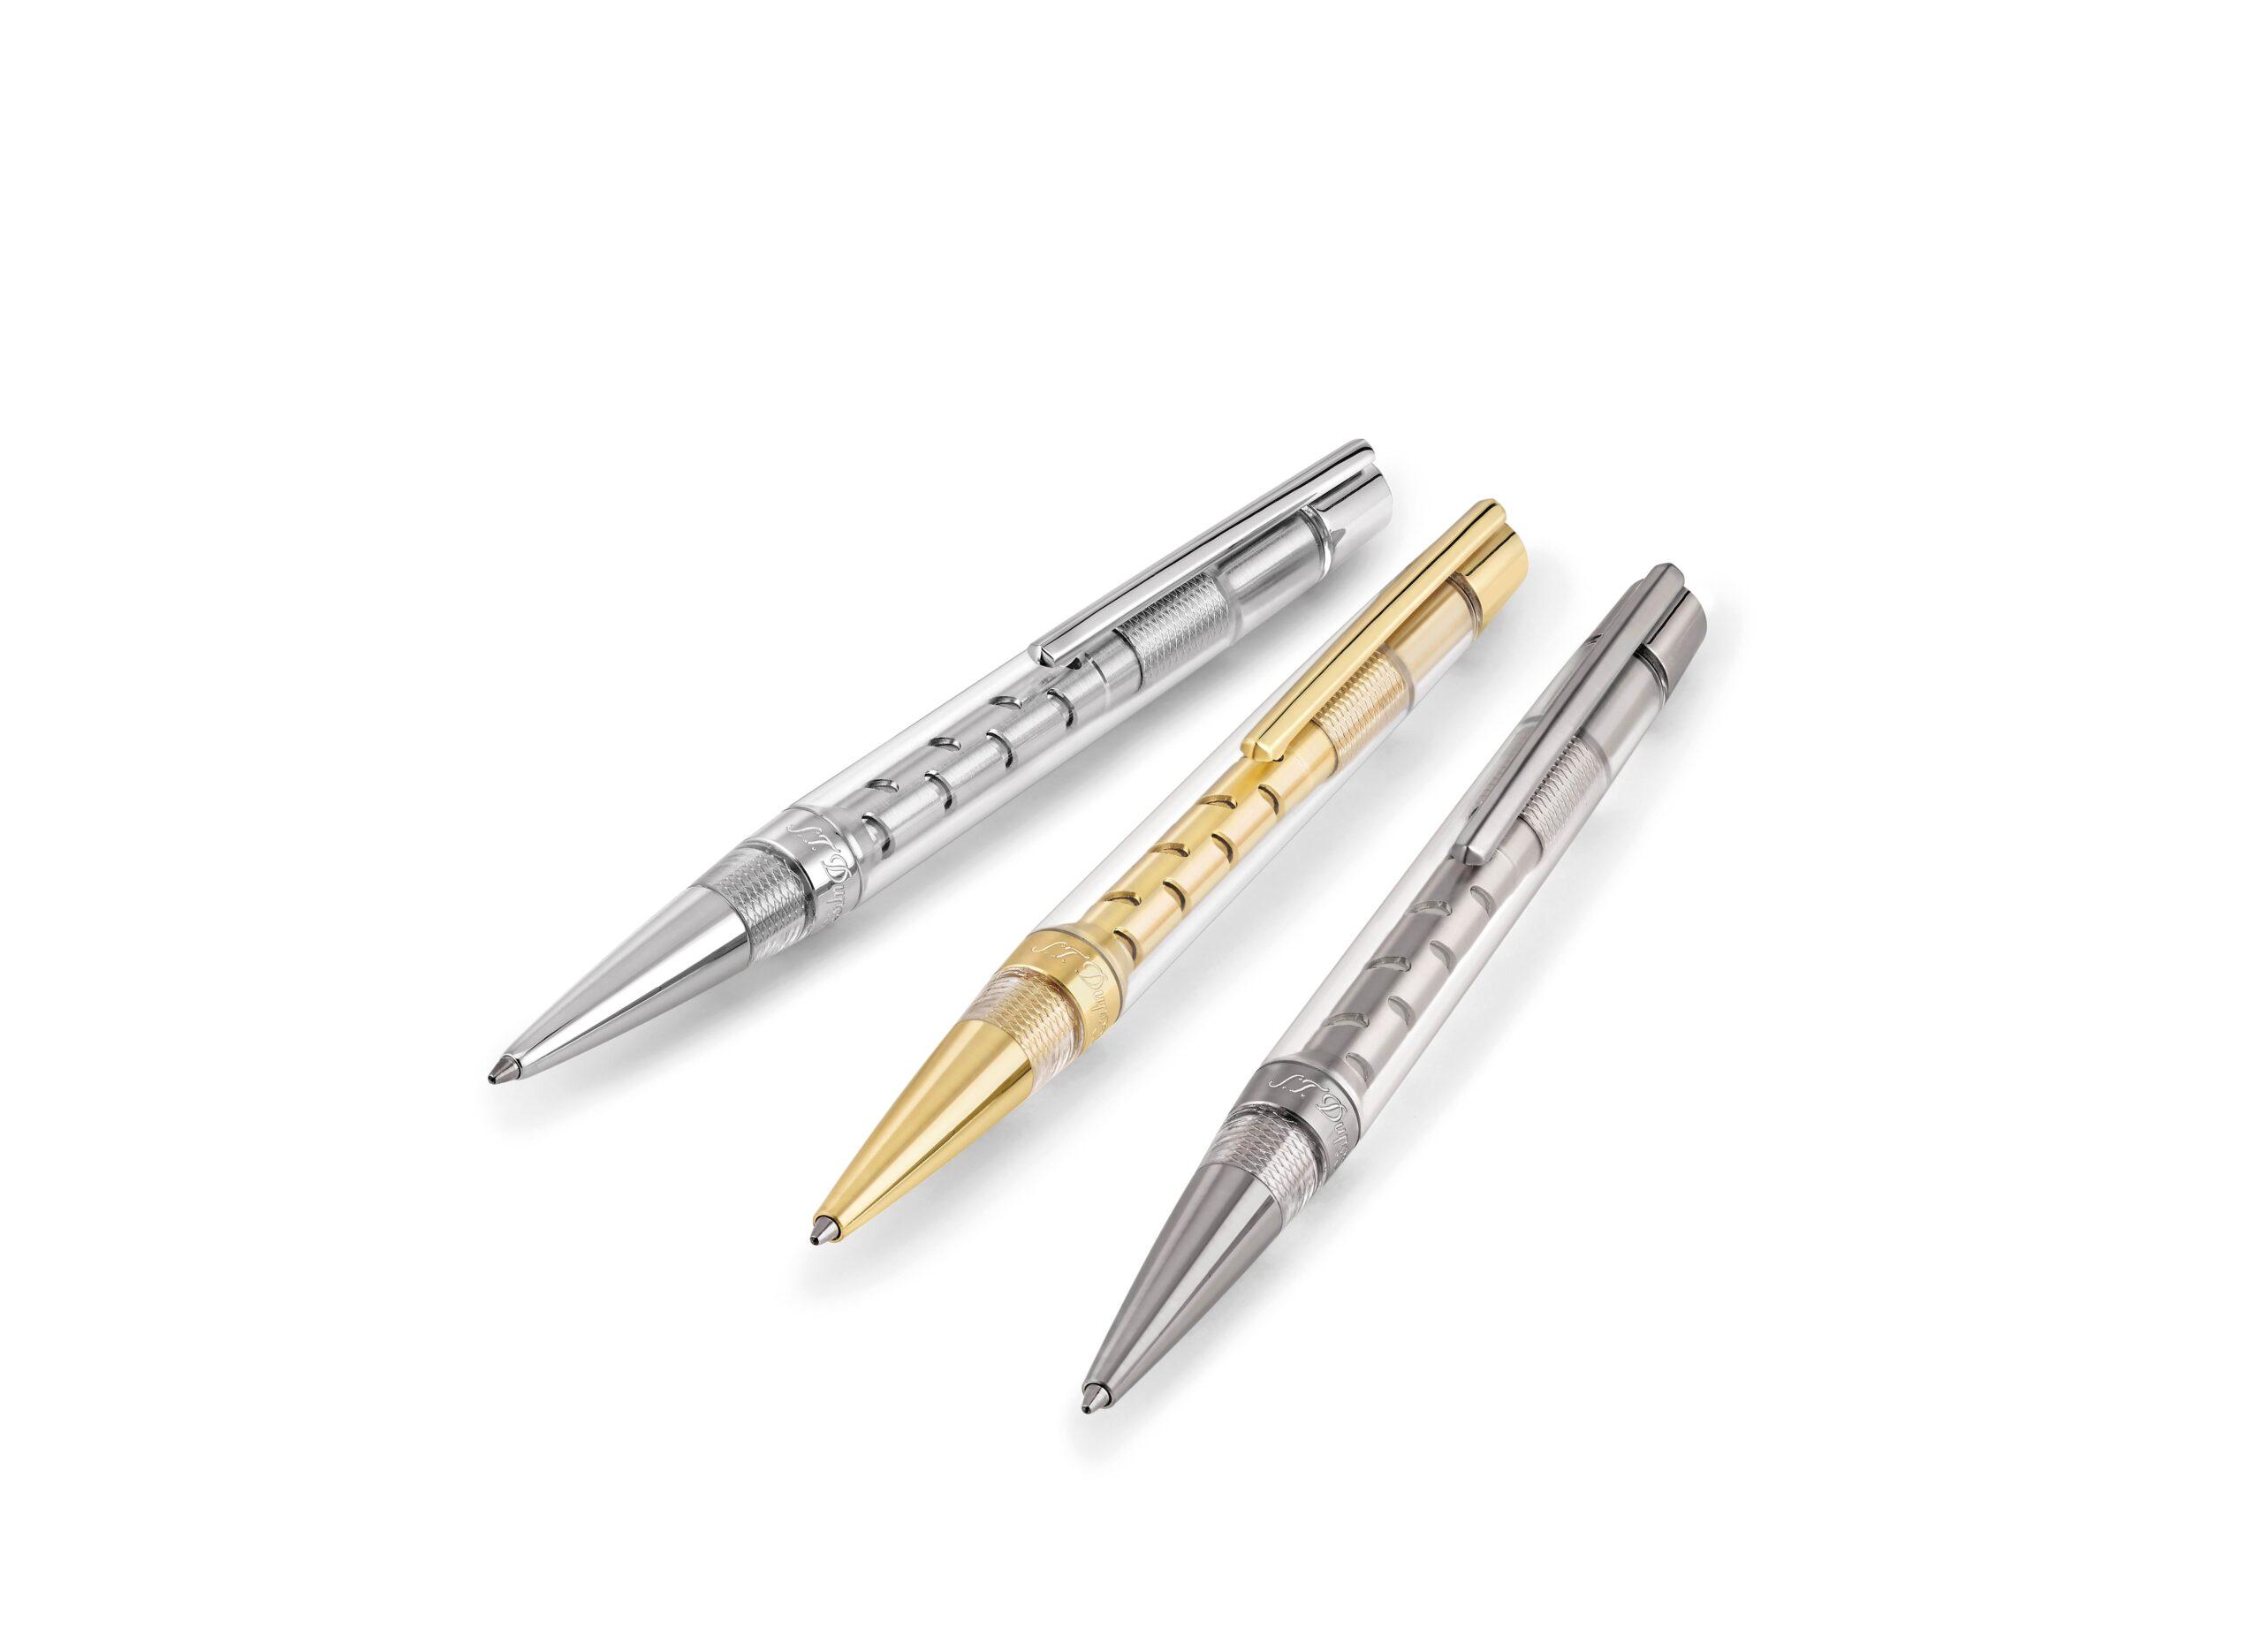 S.T. Dupont Défi Skeleton, un bolígrafo que rinde homenaje a la ingeniería de vanguardia